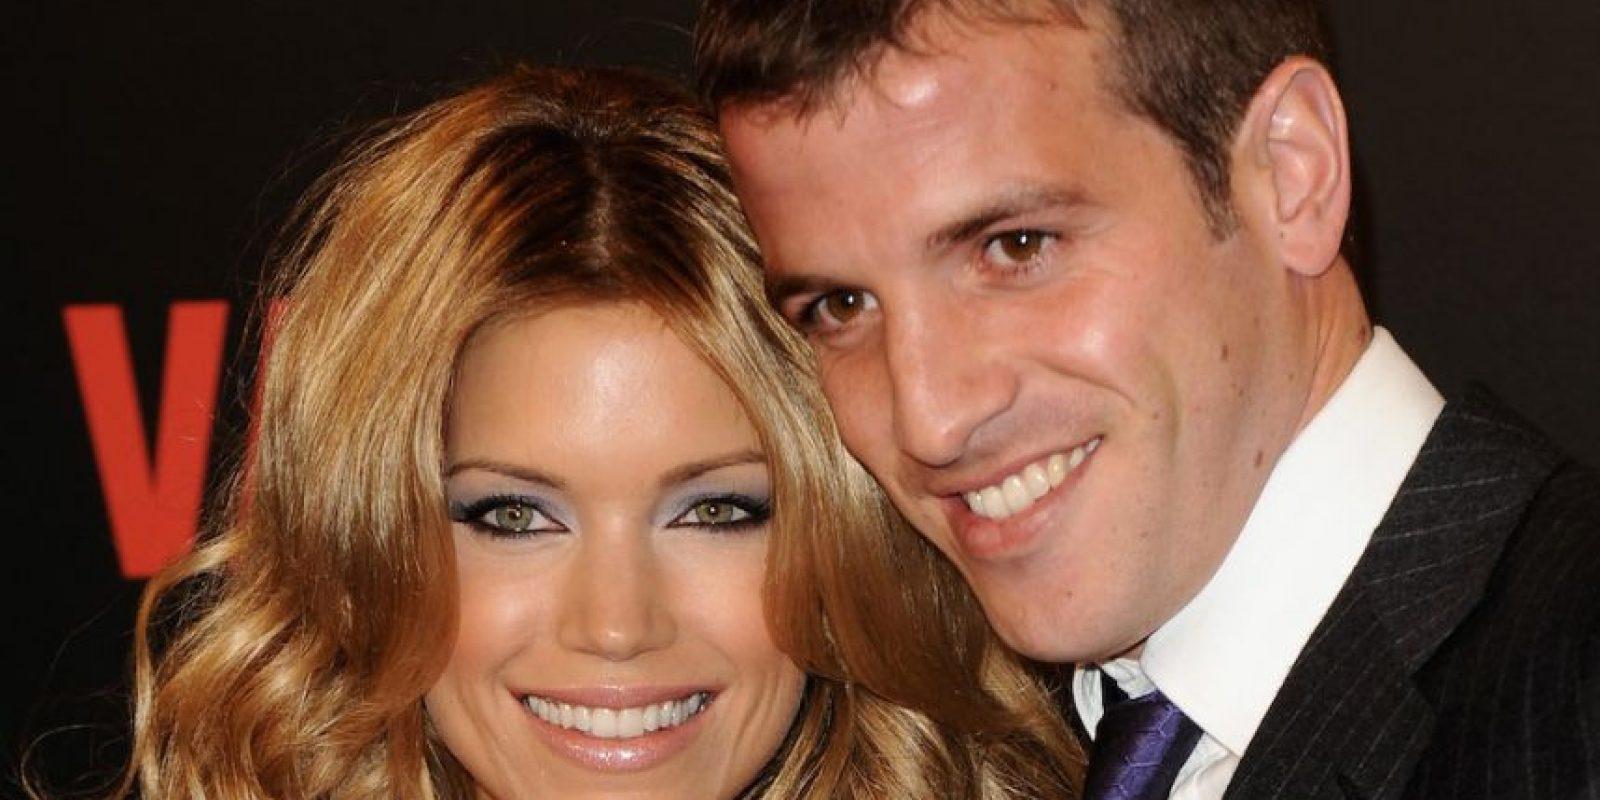 Rafael van der Vaart y Sylvie Meis se diviaron después de que el jugador holandés agrediera a su esposa el último día del año 2012. Foto:Getty Images